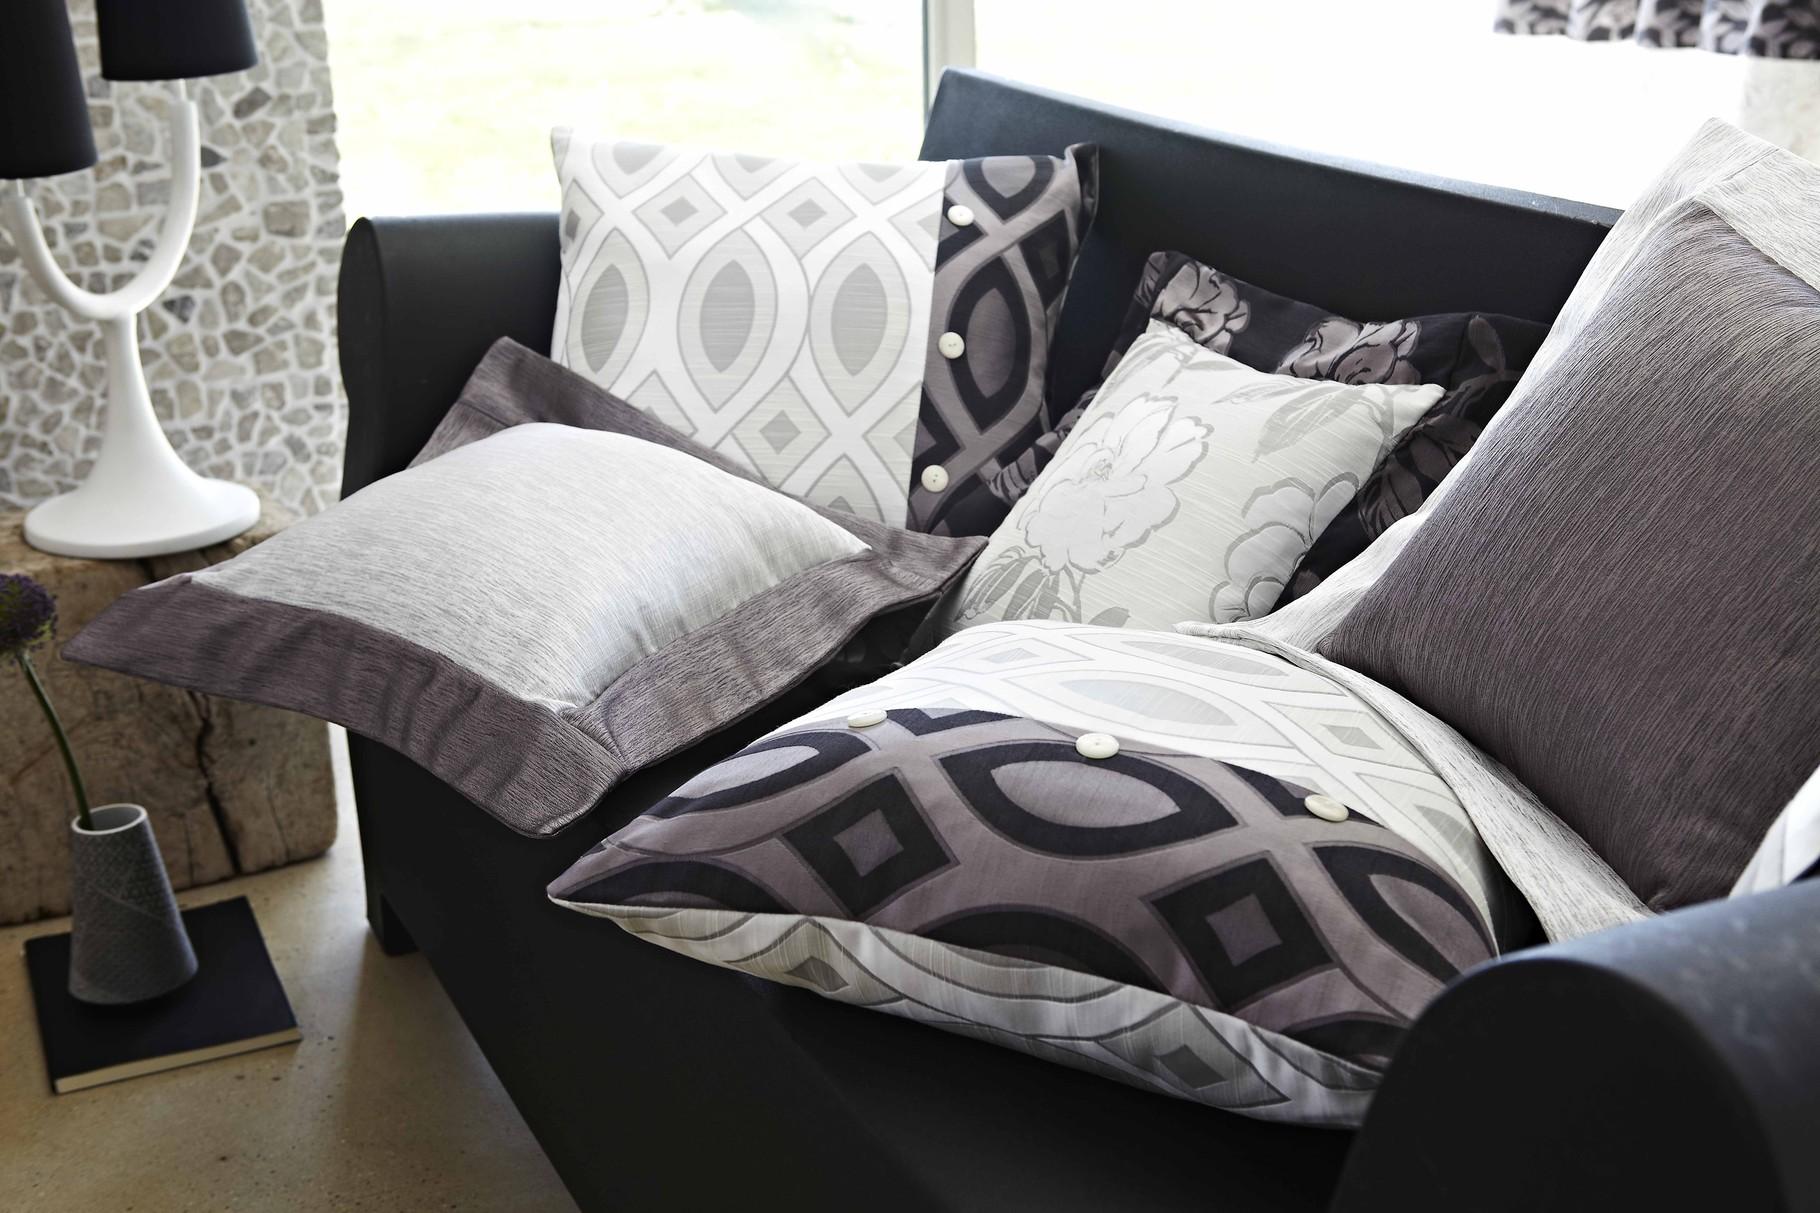 Gemusterte Kissen werten das Sofa auf